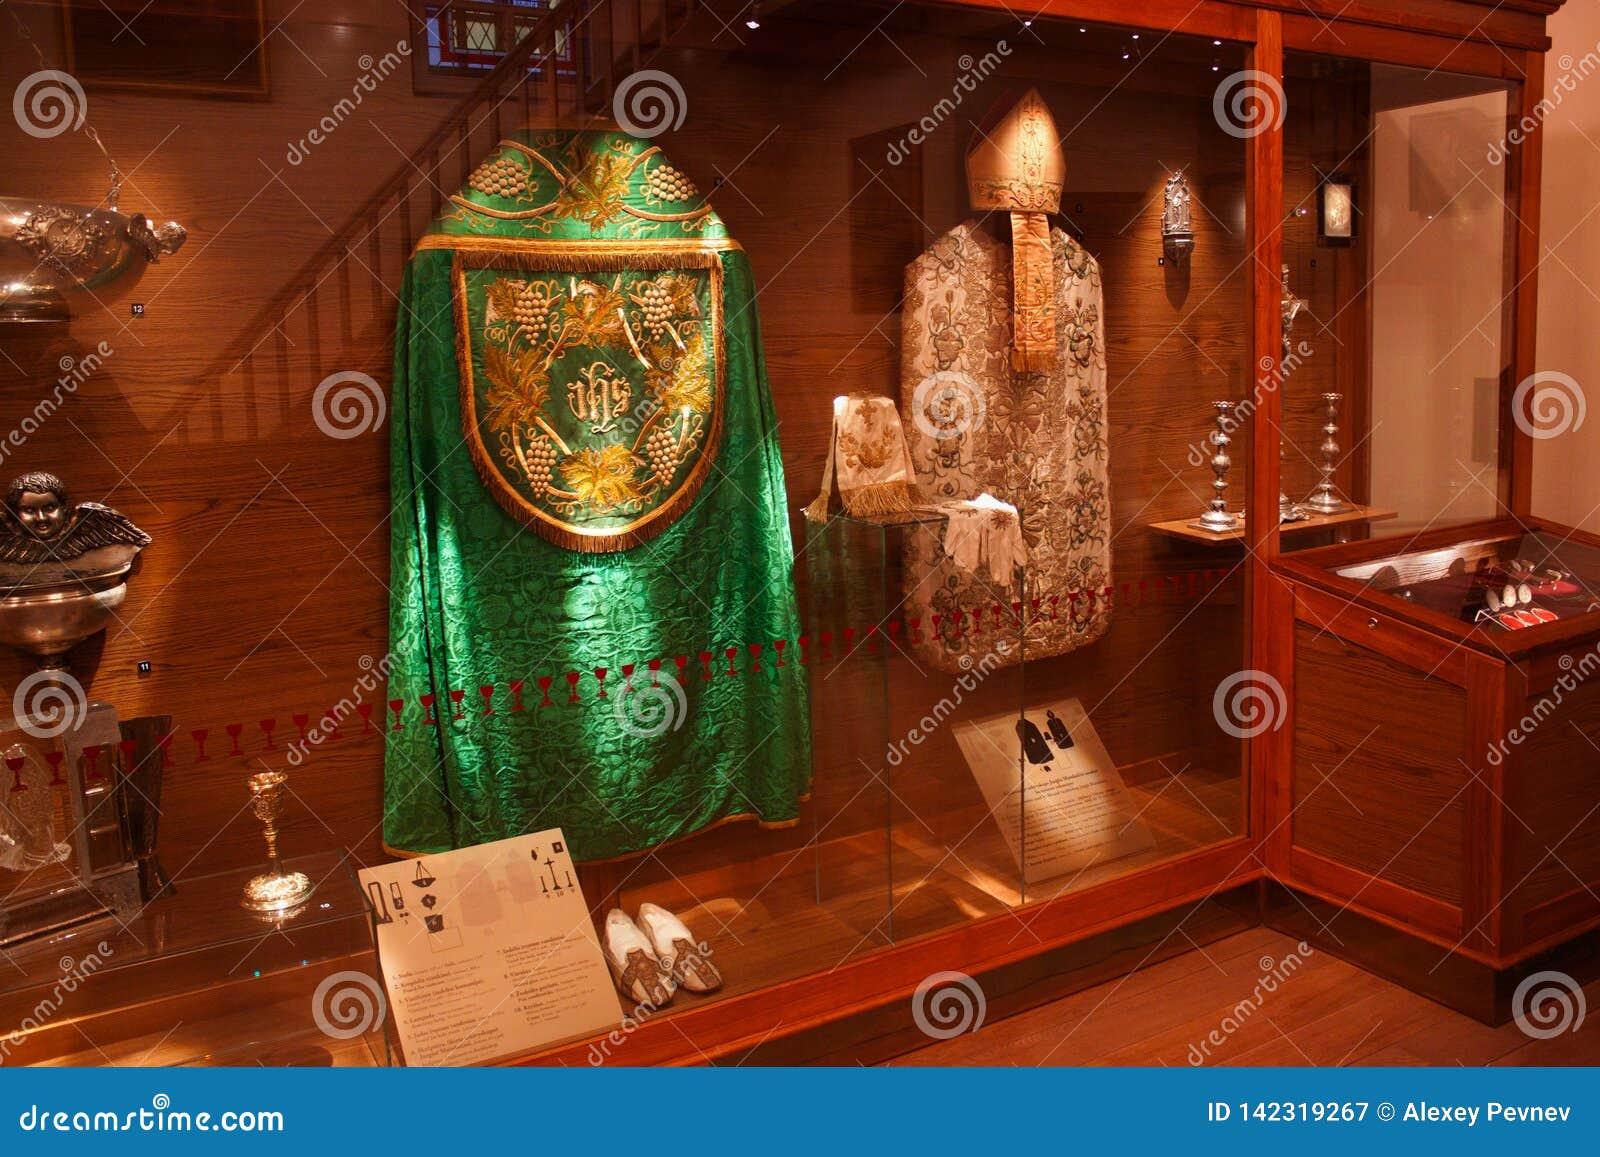 TRAKAI, LITHUANIE - 2 JANVIER 2013 : Vêtements de cérémonie historiques des prêtres catholiques dans le musée de l art sacré